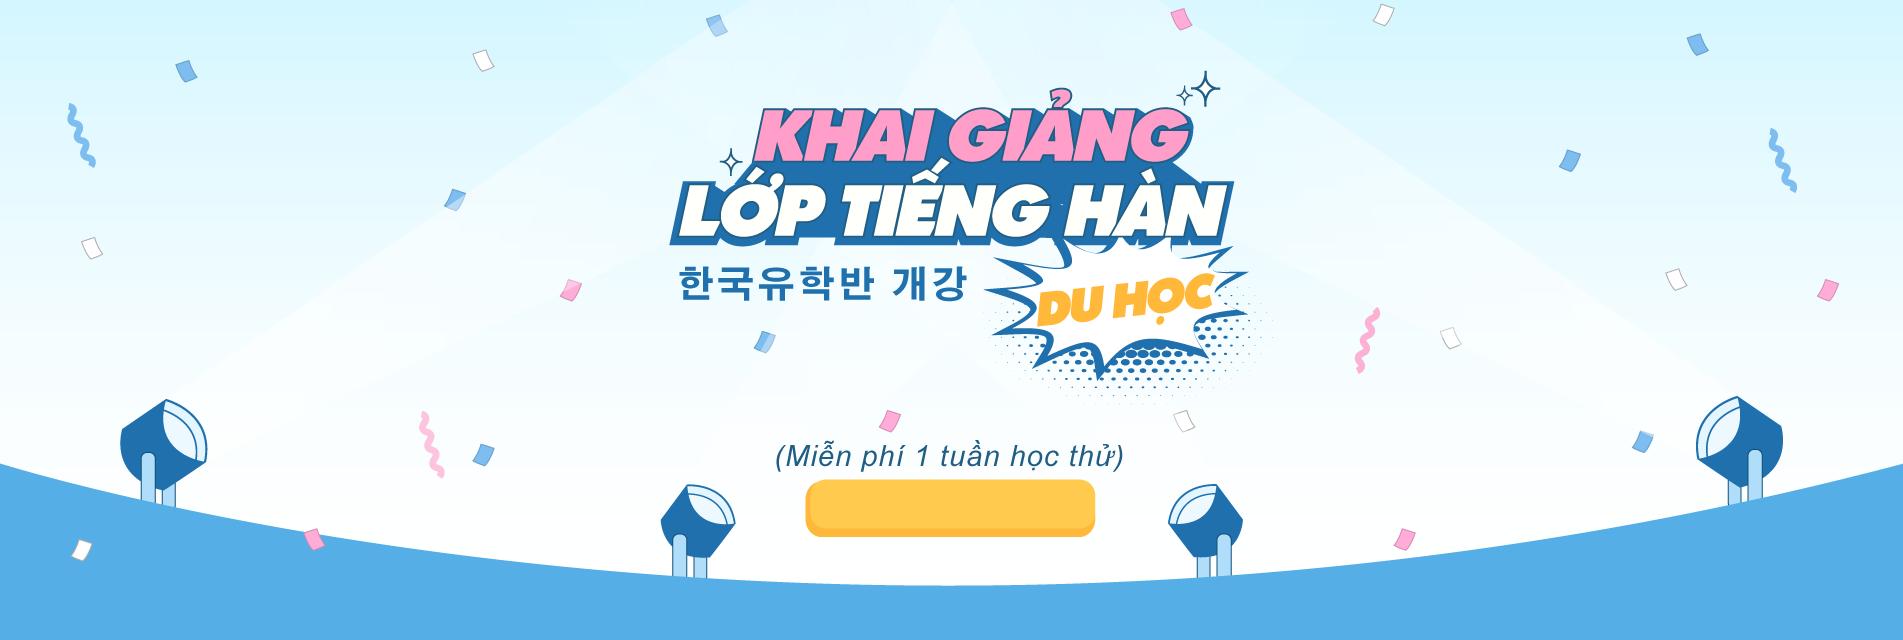 banner-hoc-tieng-han-du-hoc-han-quoc-chuyen-biet